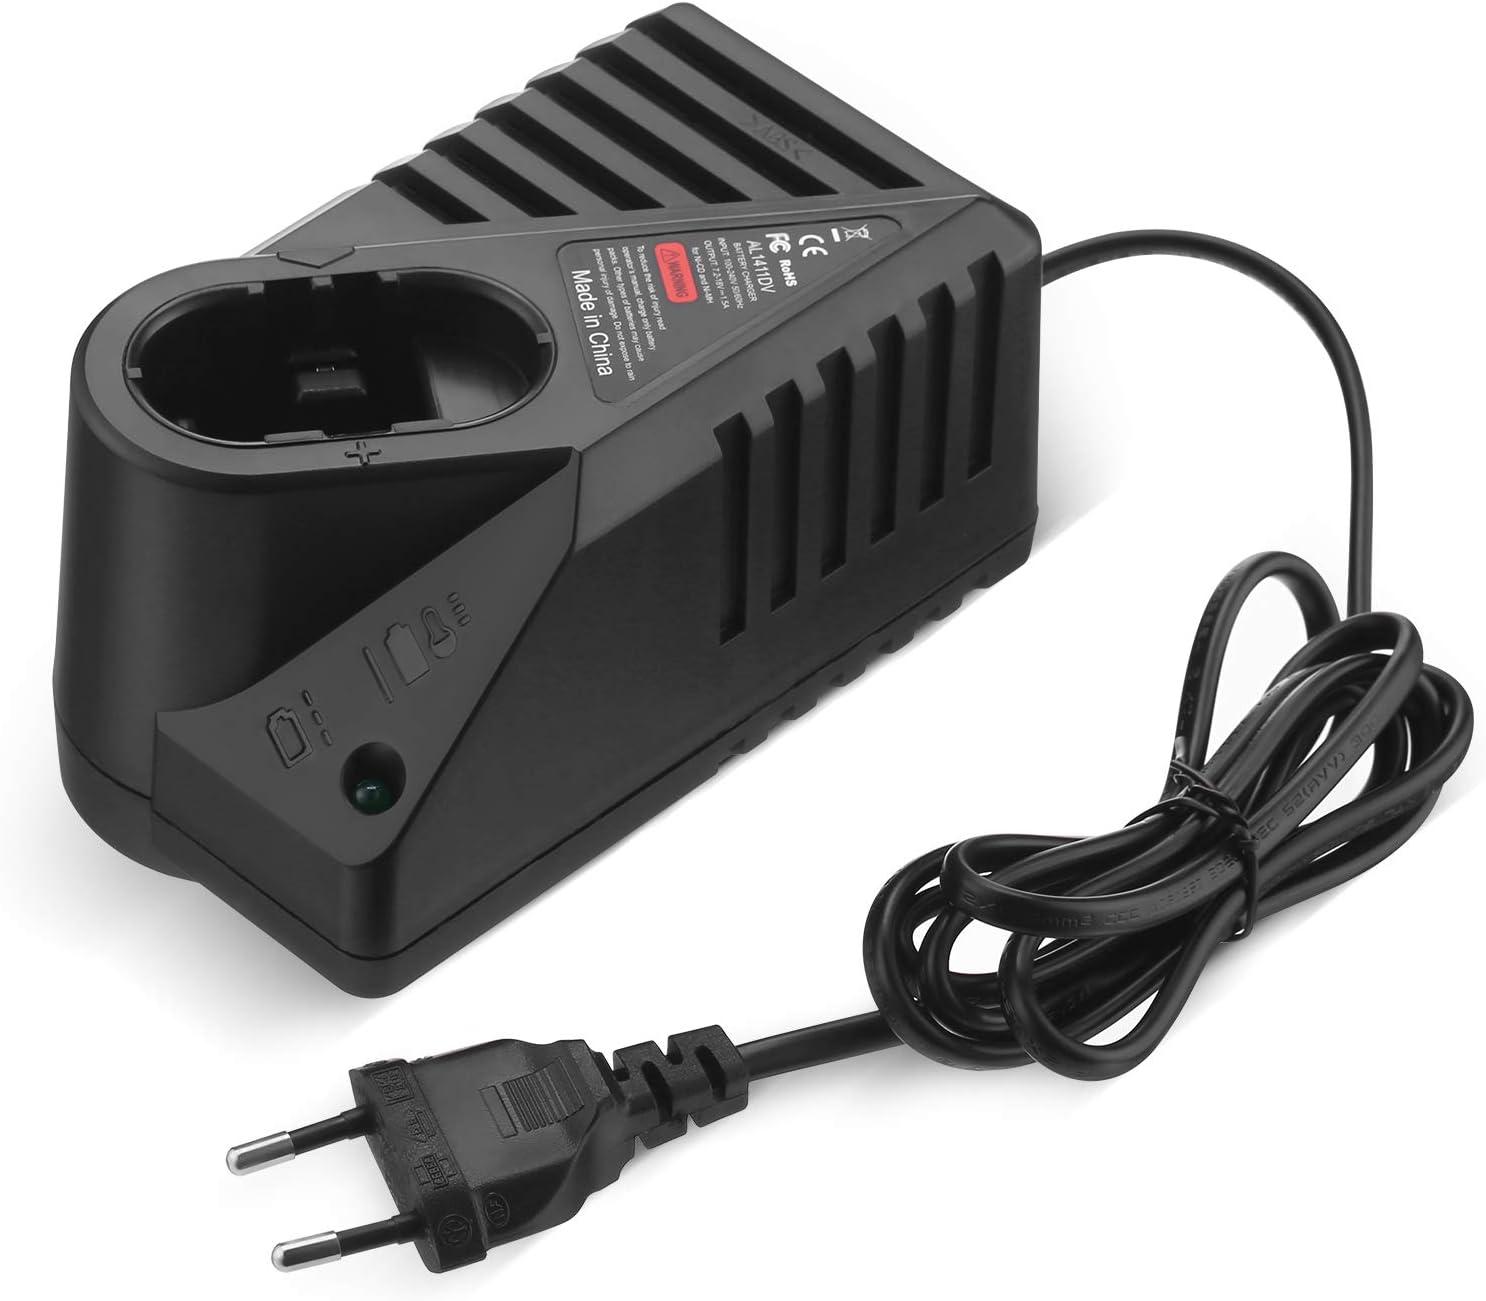 FirstPower Cargador de Repuesto para AL1411DV, Compatible con Bosch Cargador 7.2V-18V, Carga Bosch 7.2V 9.6V 12V 14.4V Ni-CD Ni-MH batería de Herramienta eléctrica GSR7.2 GSR9.6 GSR12 GSR14.4